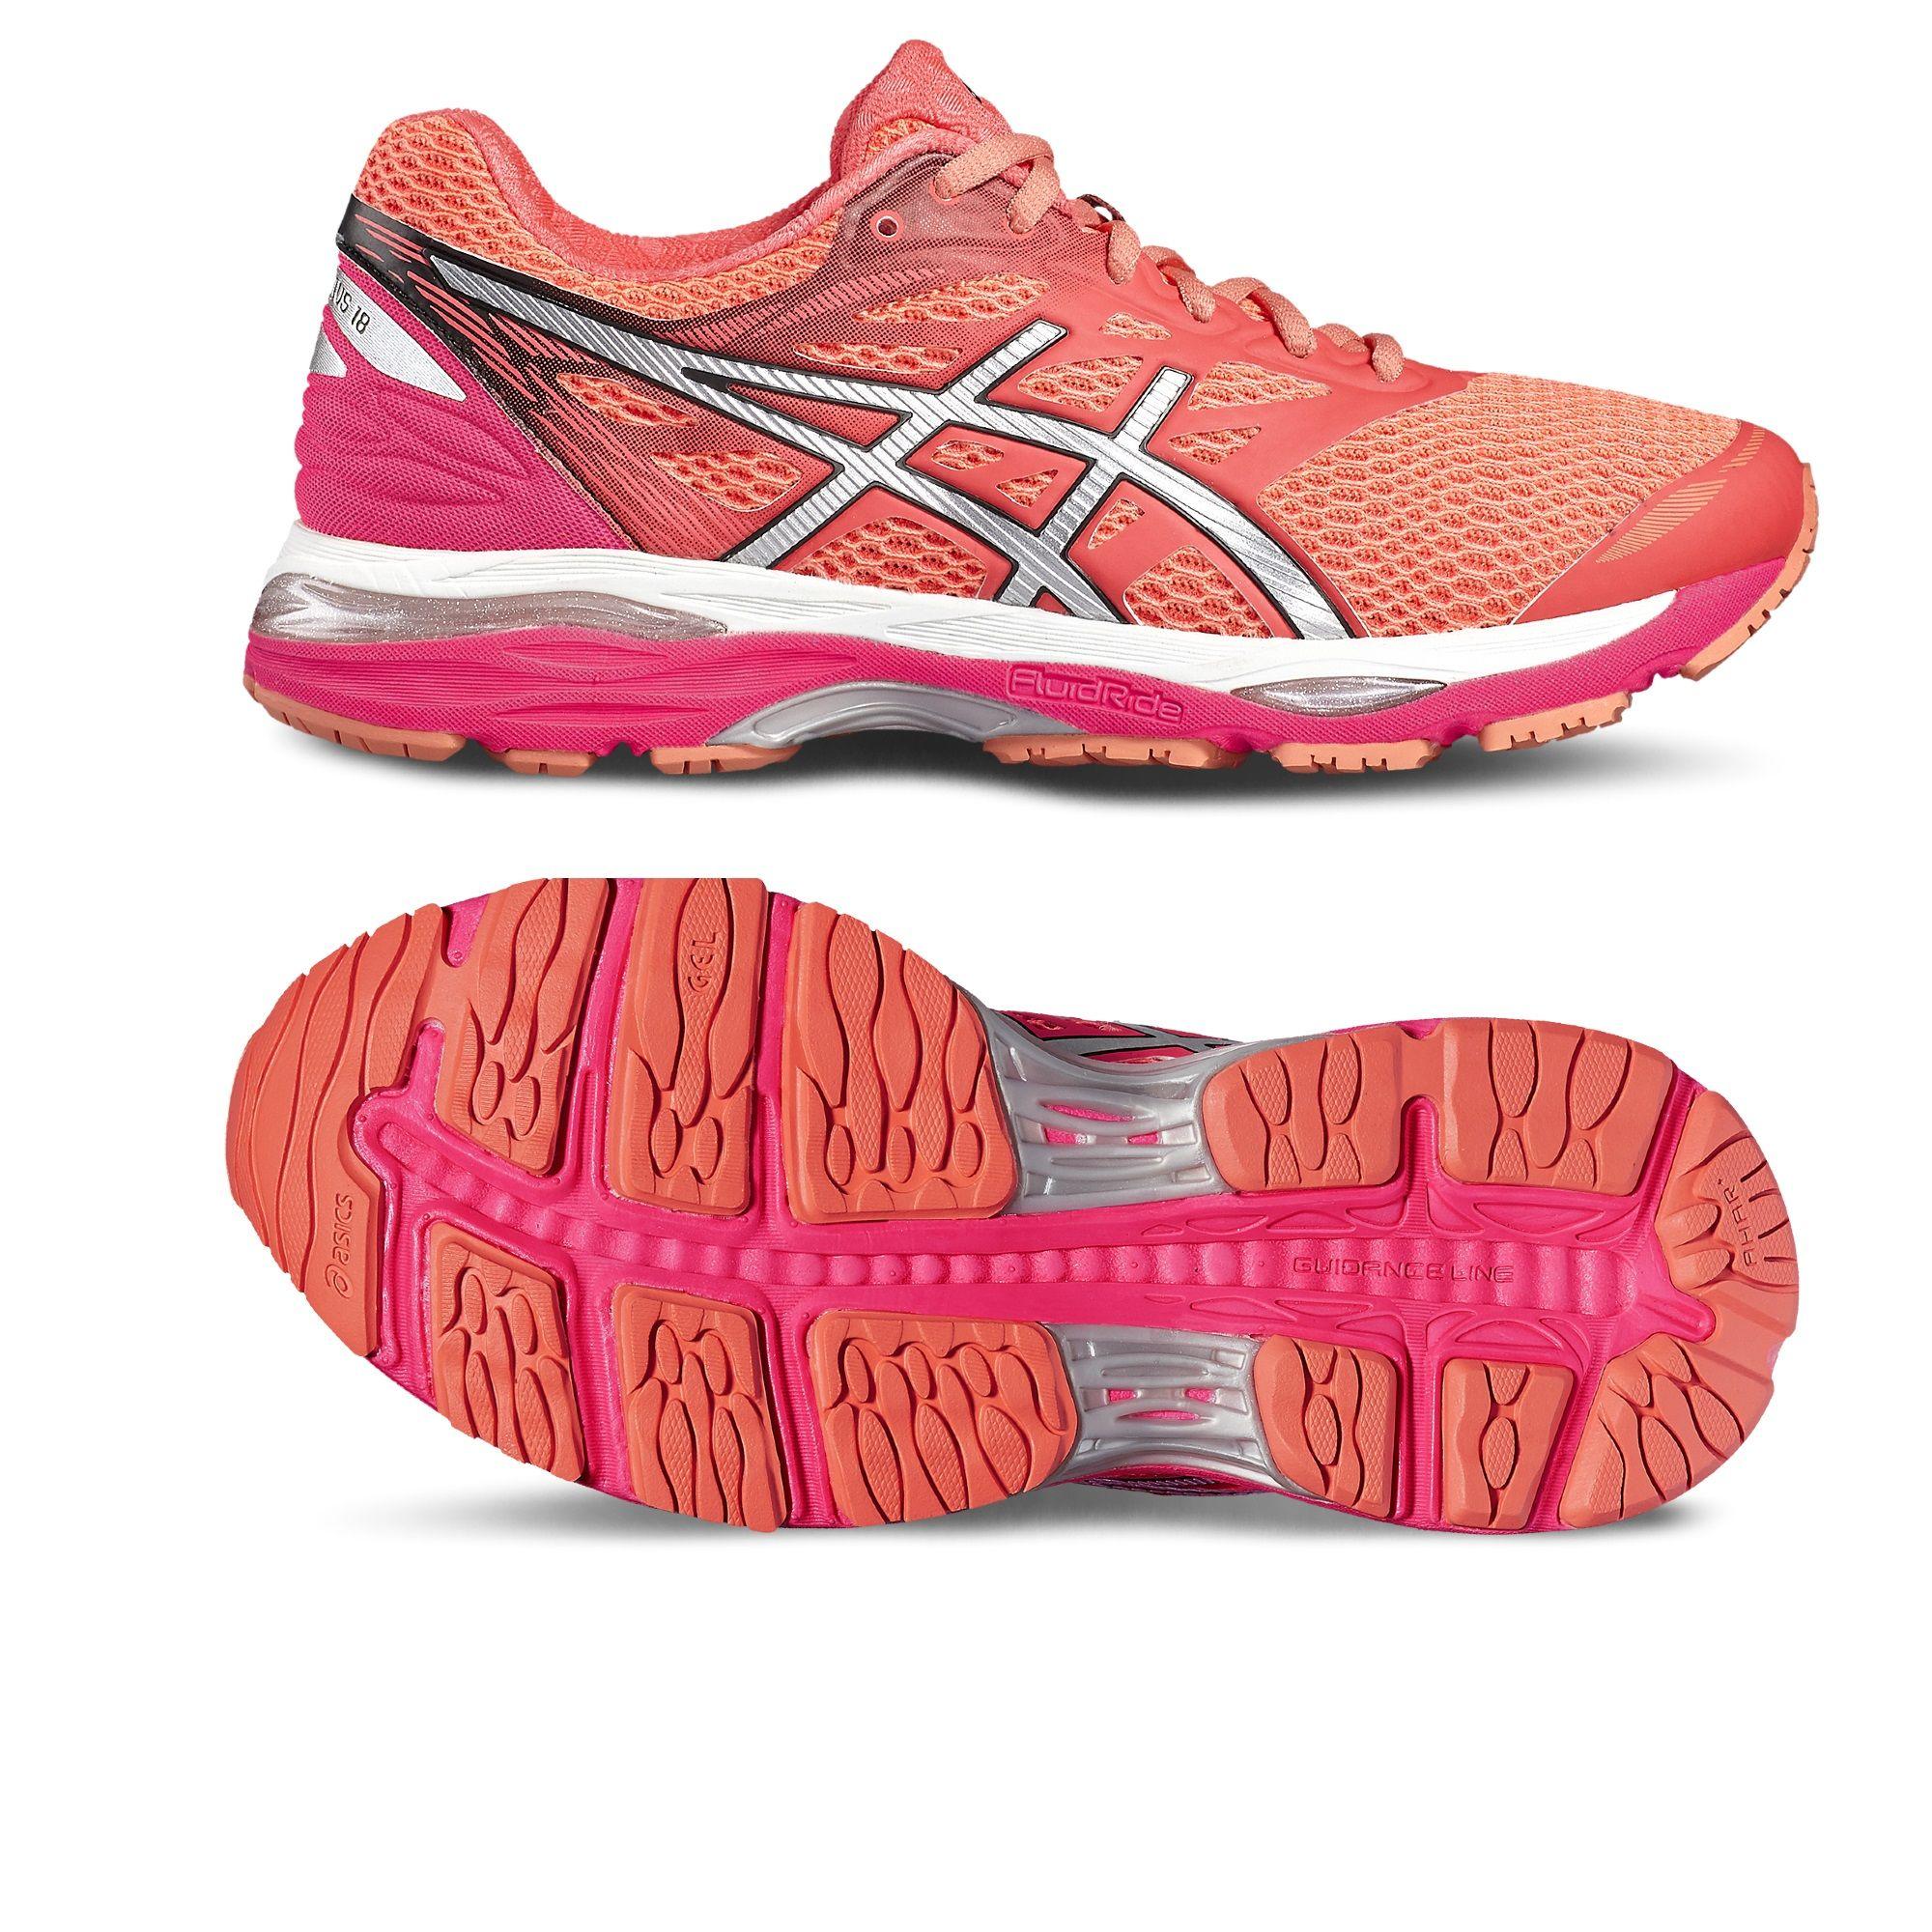 Asics Gel Cumulus  Ladies Running Shoes Size